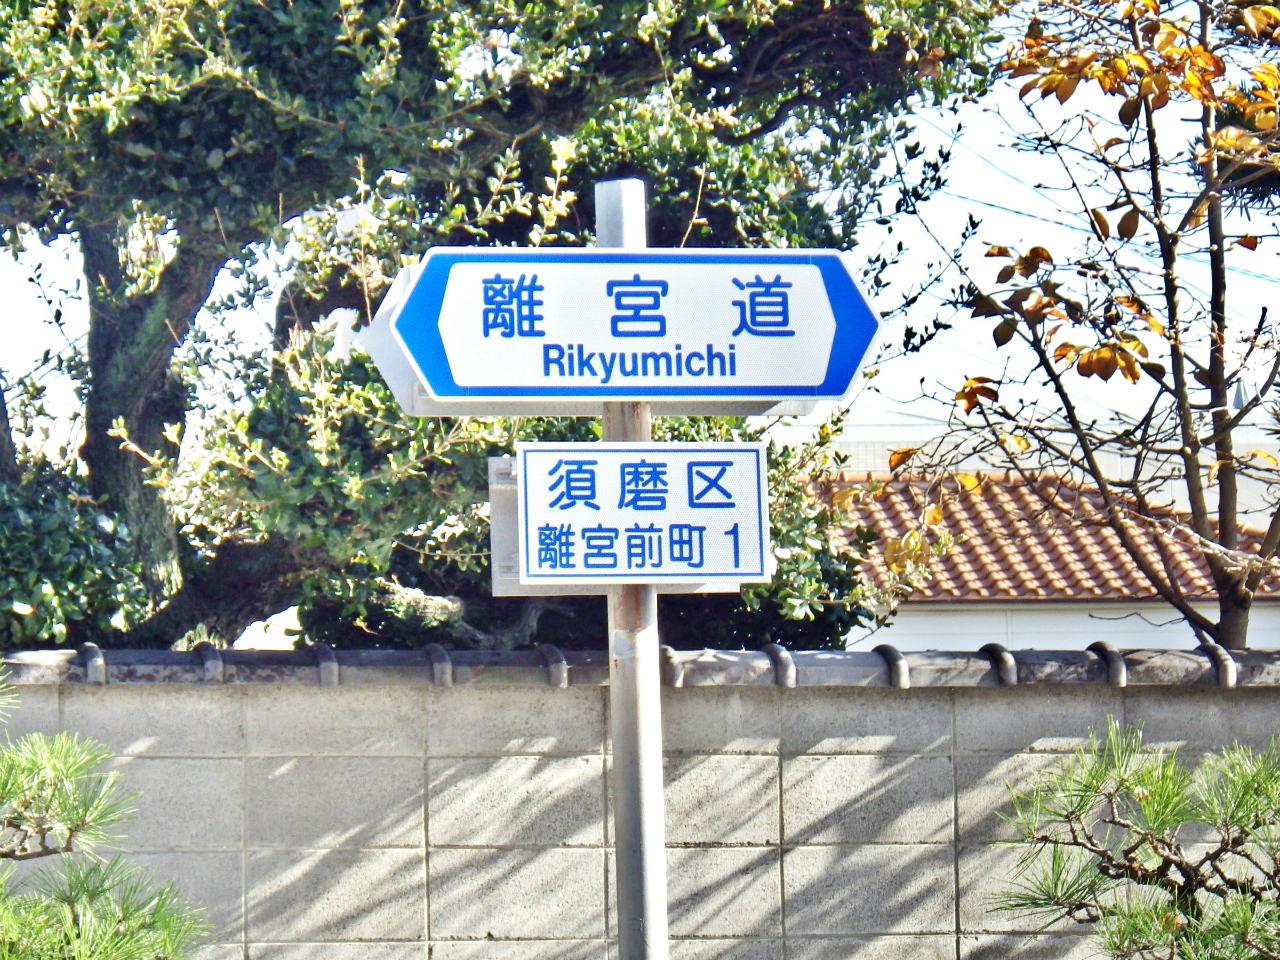 20a 離宮道の標識